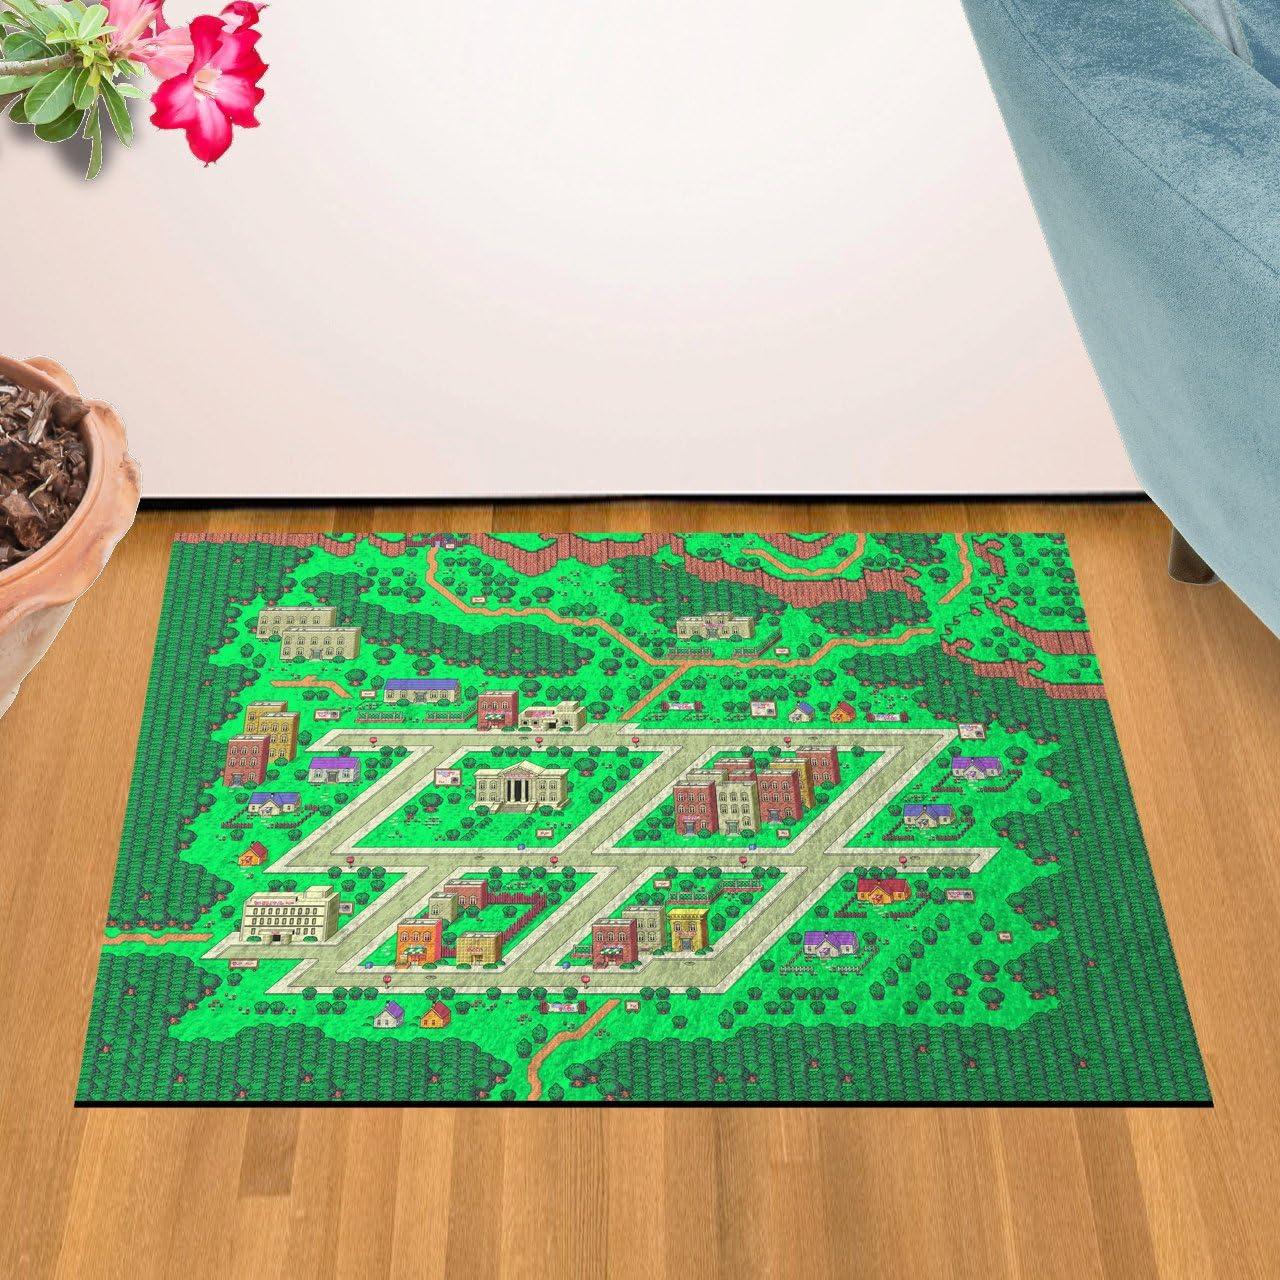 GG Promo Earthbound, Onett Map Doormat Welcome Floormat 24 x 36